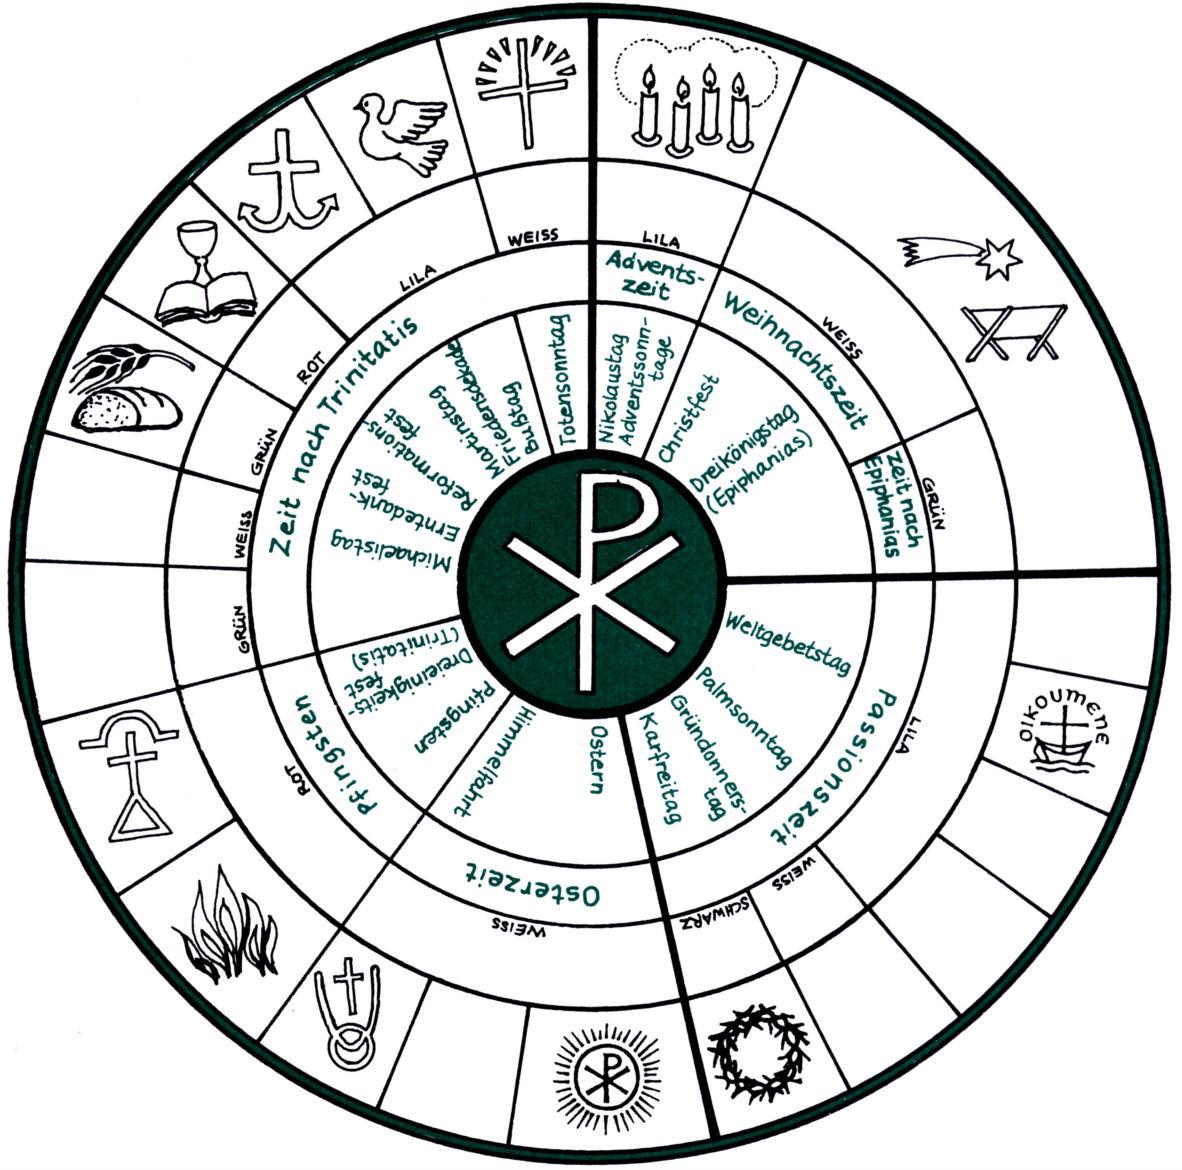 Liturgical Calendar Worksheet Worksheets For All